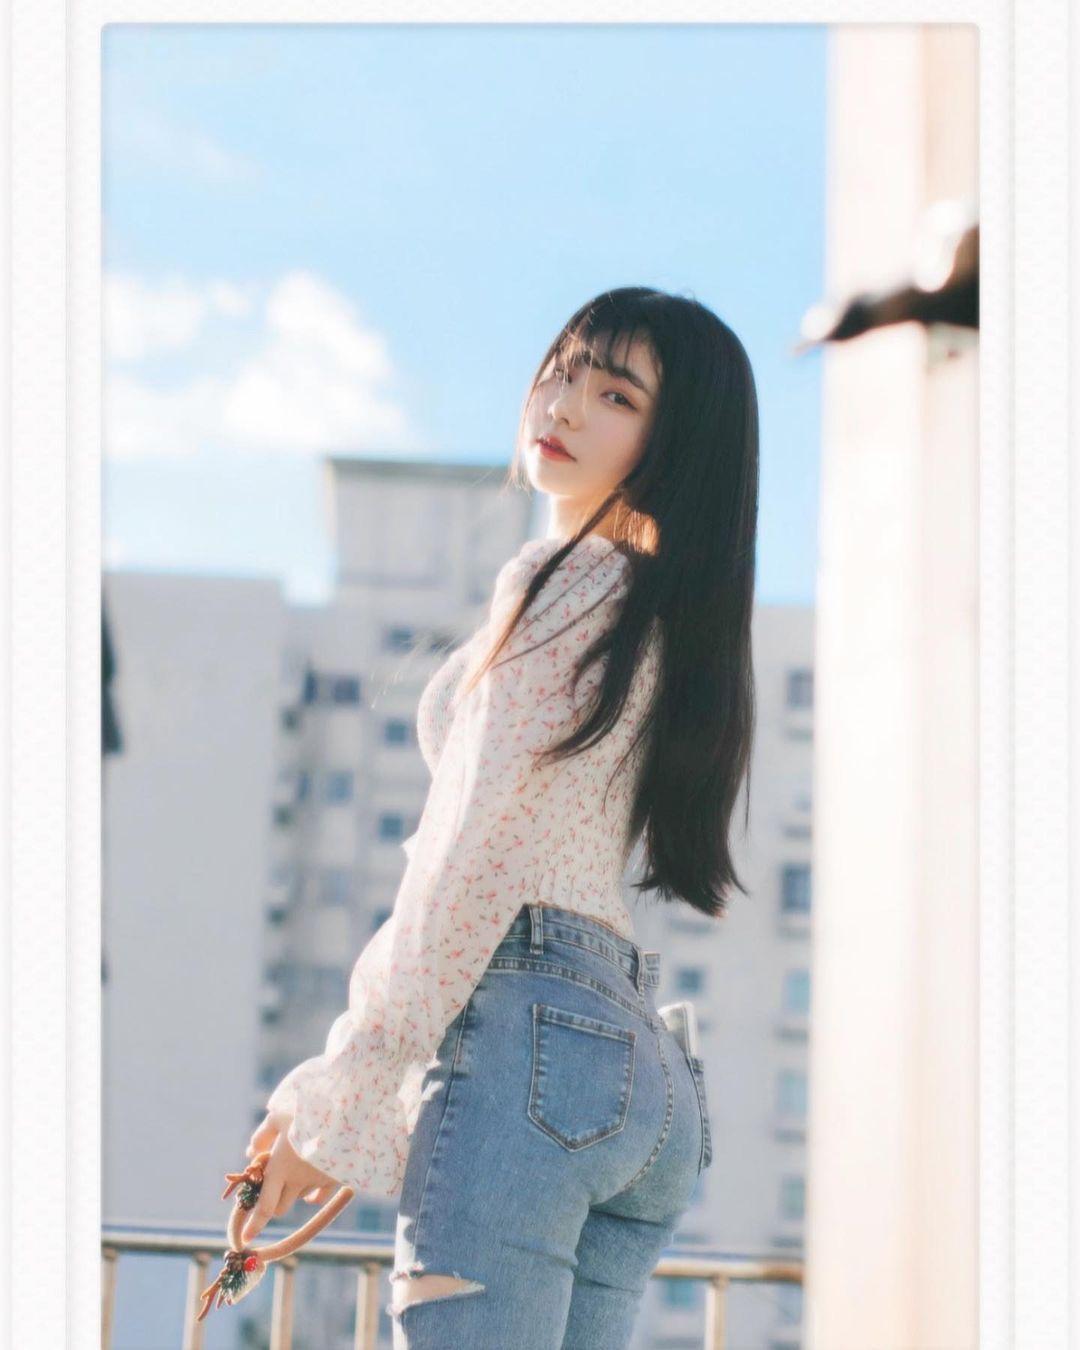 高校妹子真美!「最美高校生」的景美女中学生「许悦」插图24